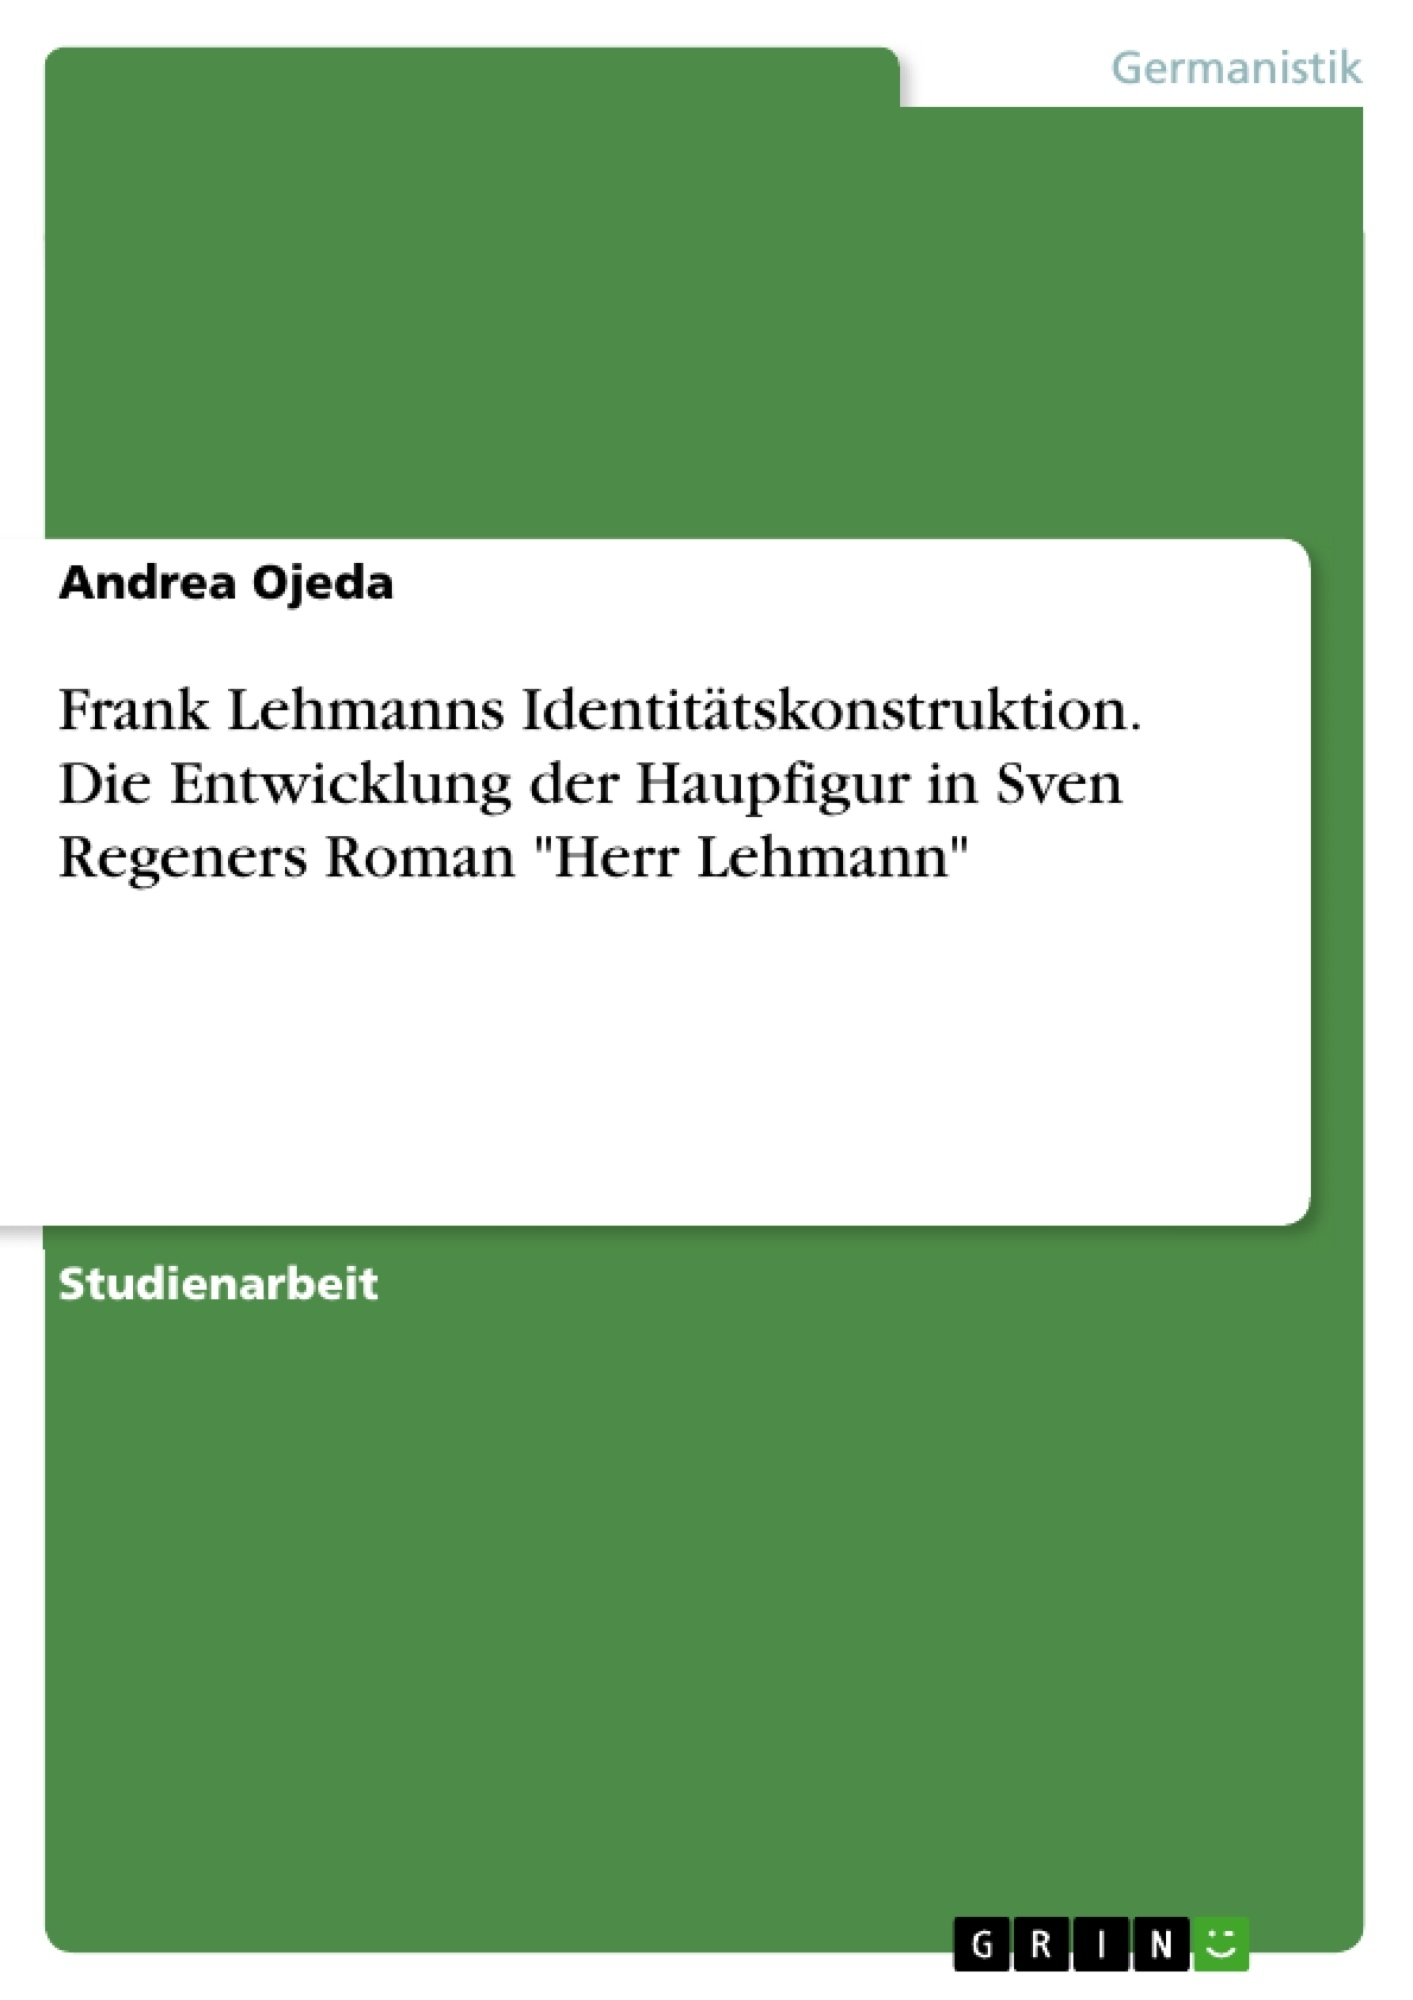 """Titel: Frank Lehmanns Identitätskonstruktion. Die Entwicklung der Haupfigur in Sven Regeners Roman """"Herr Lehmann"""""""